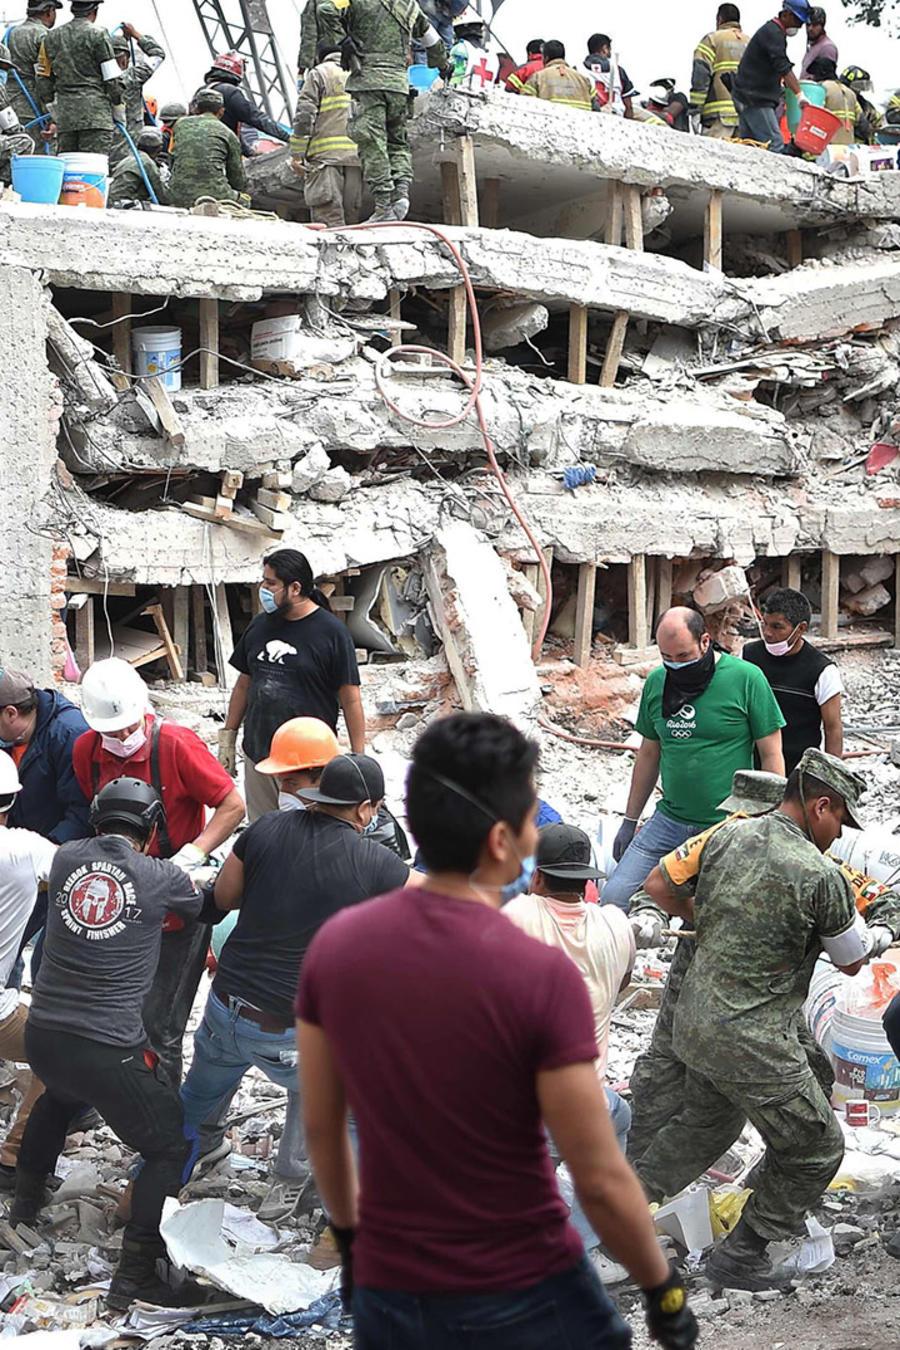 Escombros causados por sismo en México